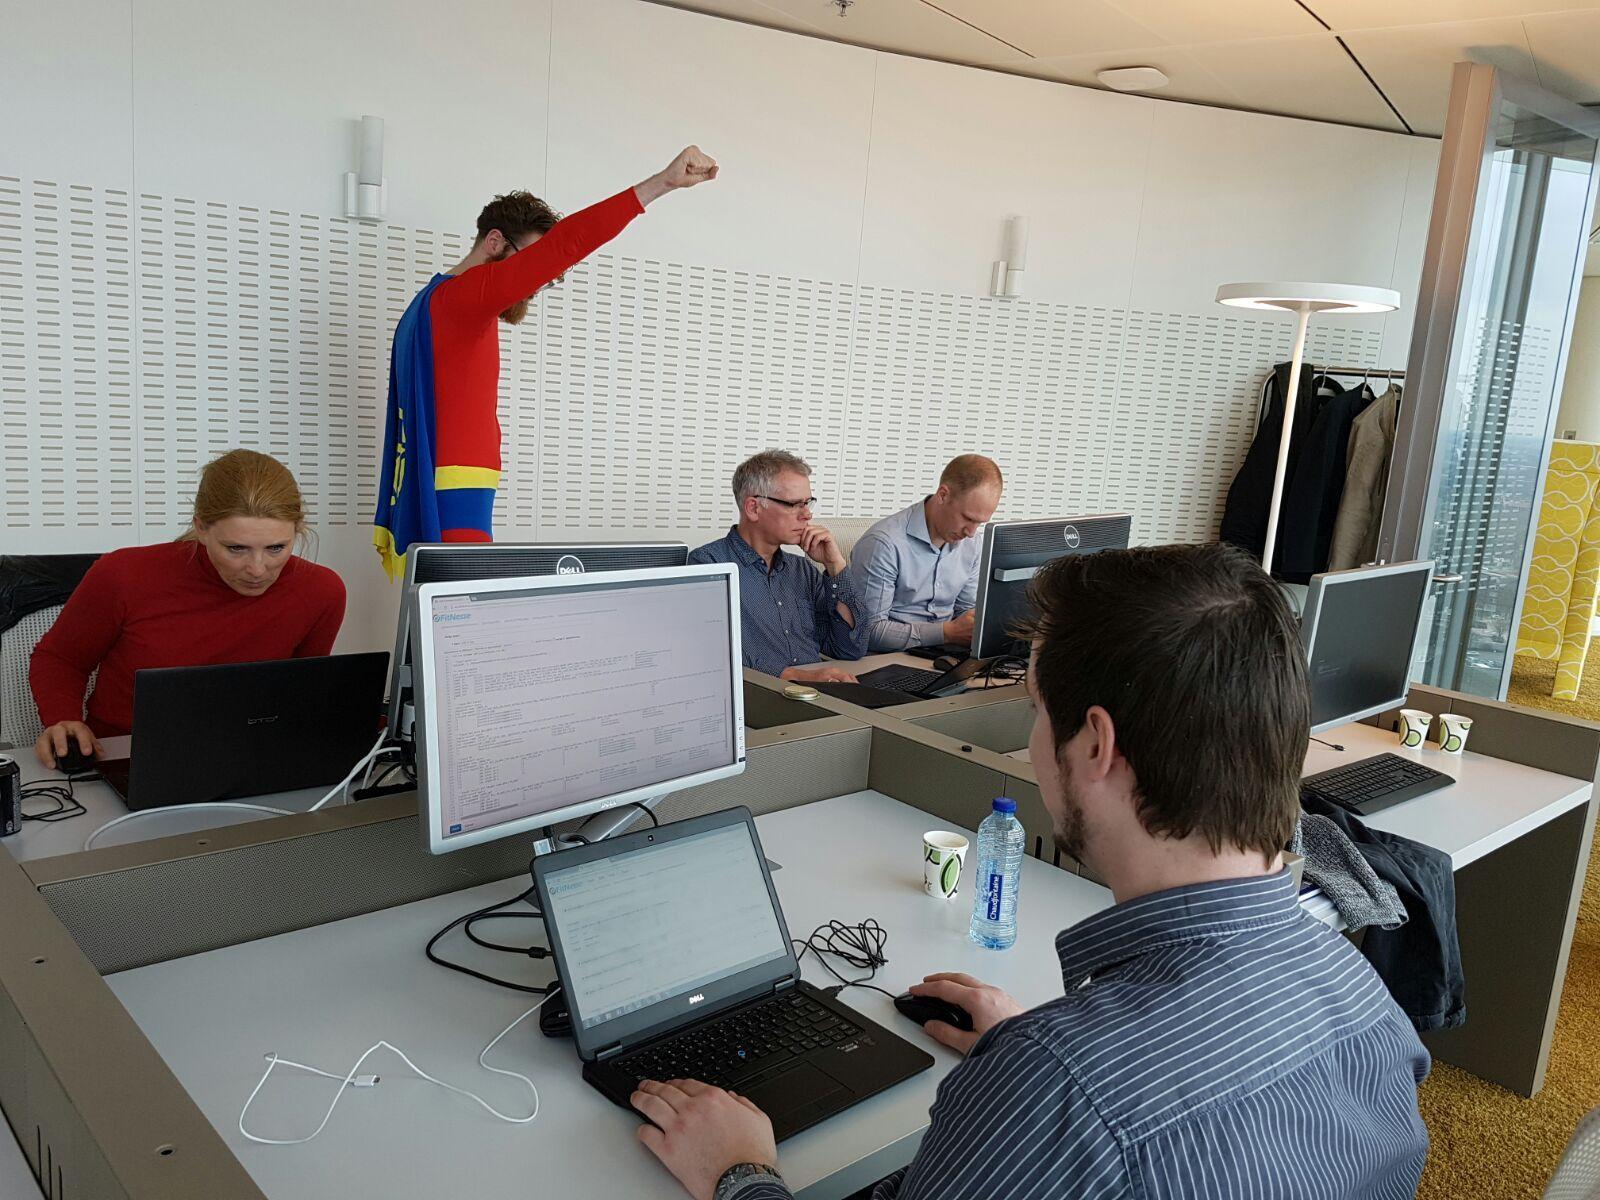 Michael 2 CloseSure Vacature Jonge Helden Business Intelligence Testen Noord Zuid Midden Oost West Nederland